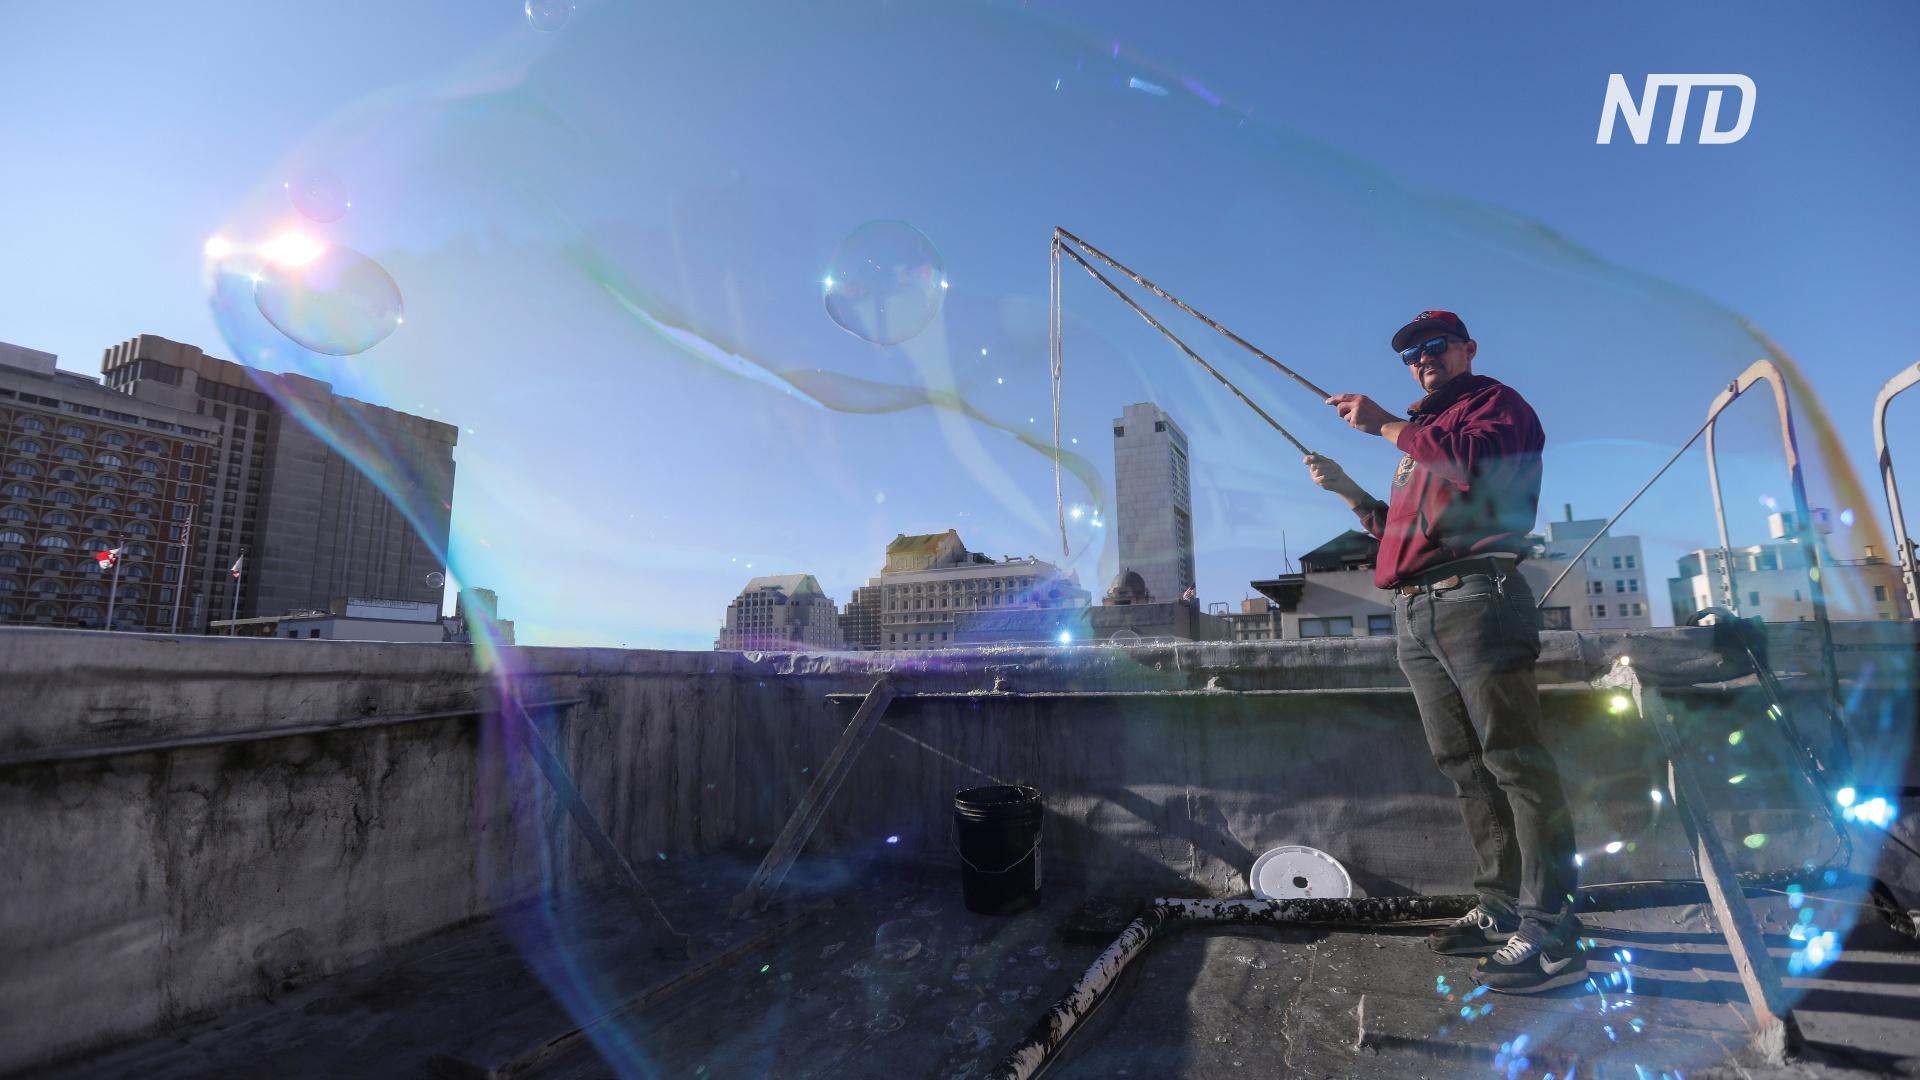 В Сан-Франциско мужчина развлекает прохожих, выдувая огромные мыльные пузыри